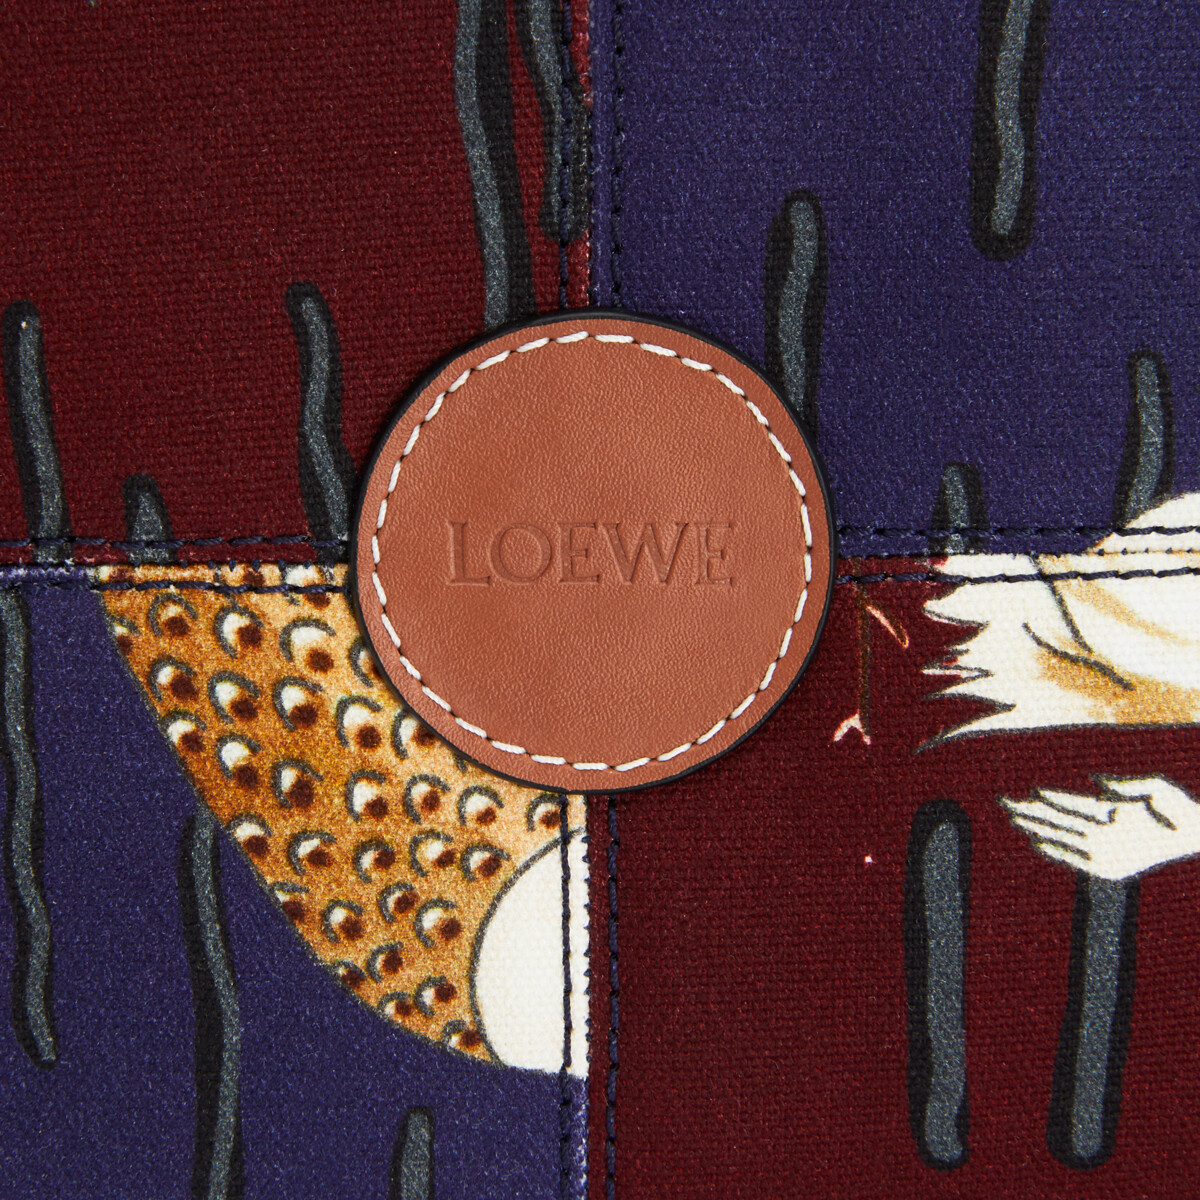 LOEWE Bolso Tote Cushion En Lona Con Estampado De Sirenas Y Piel De Ternera Marino/Burdeos front